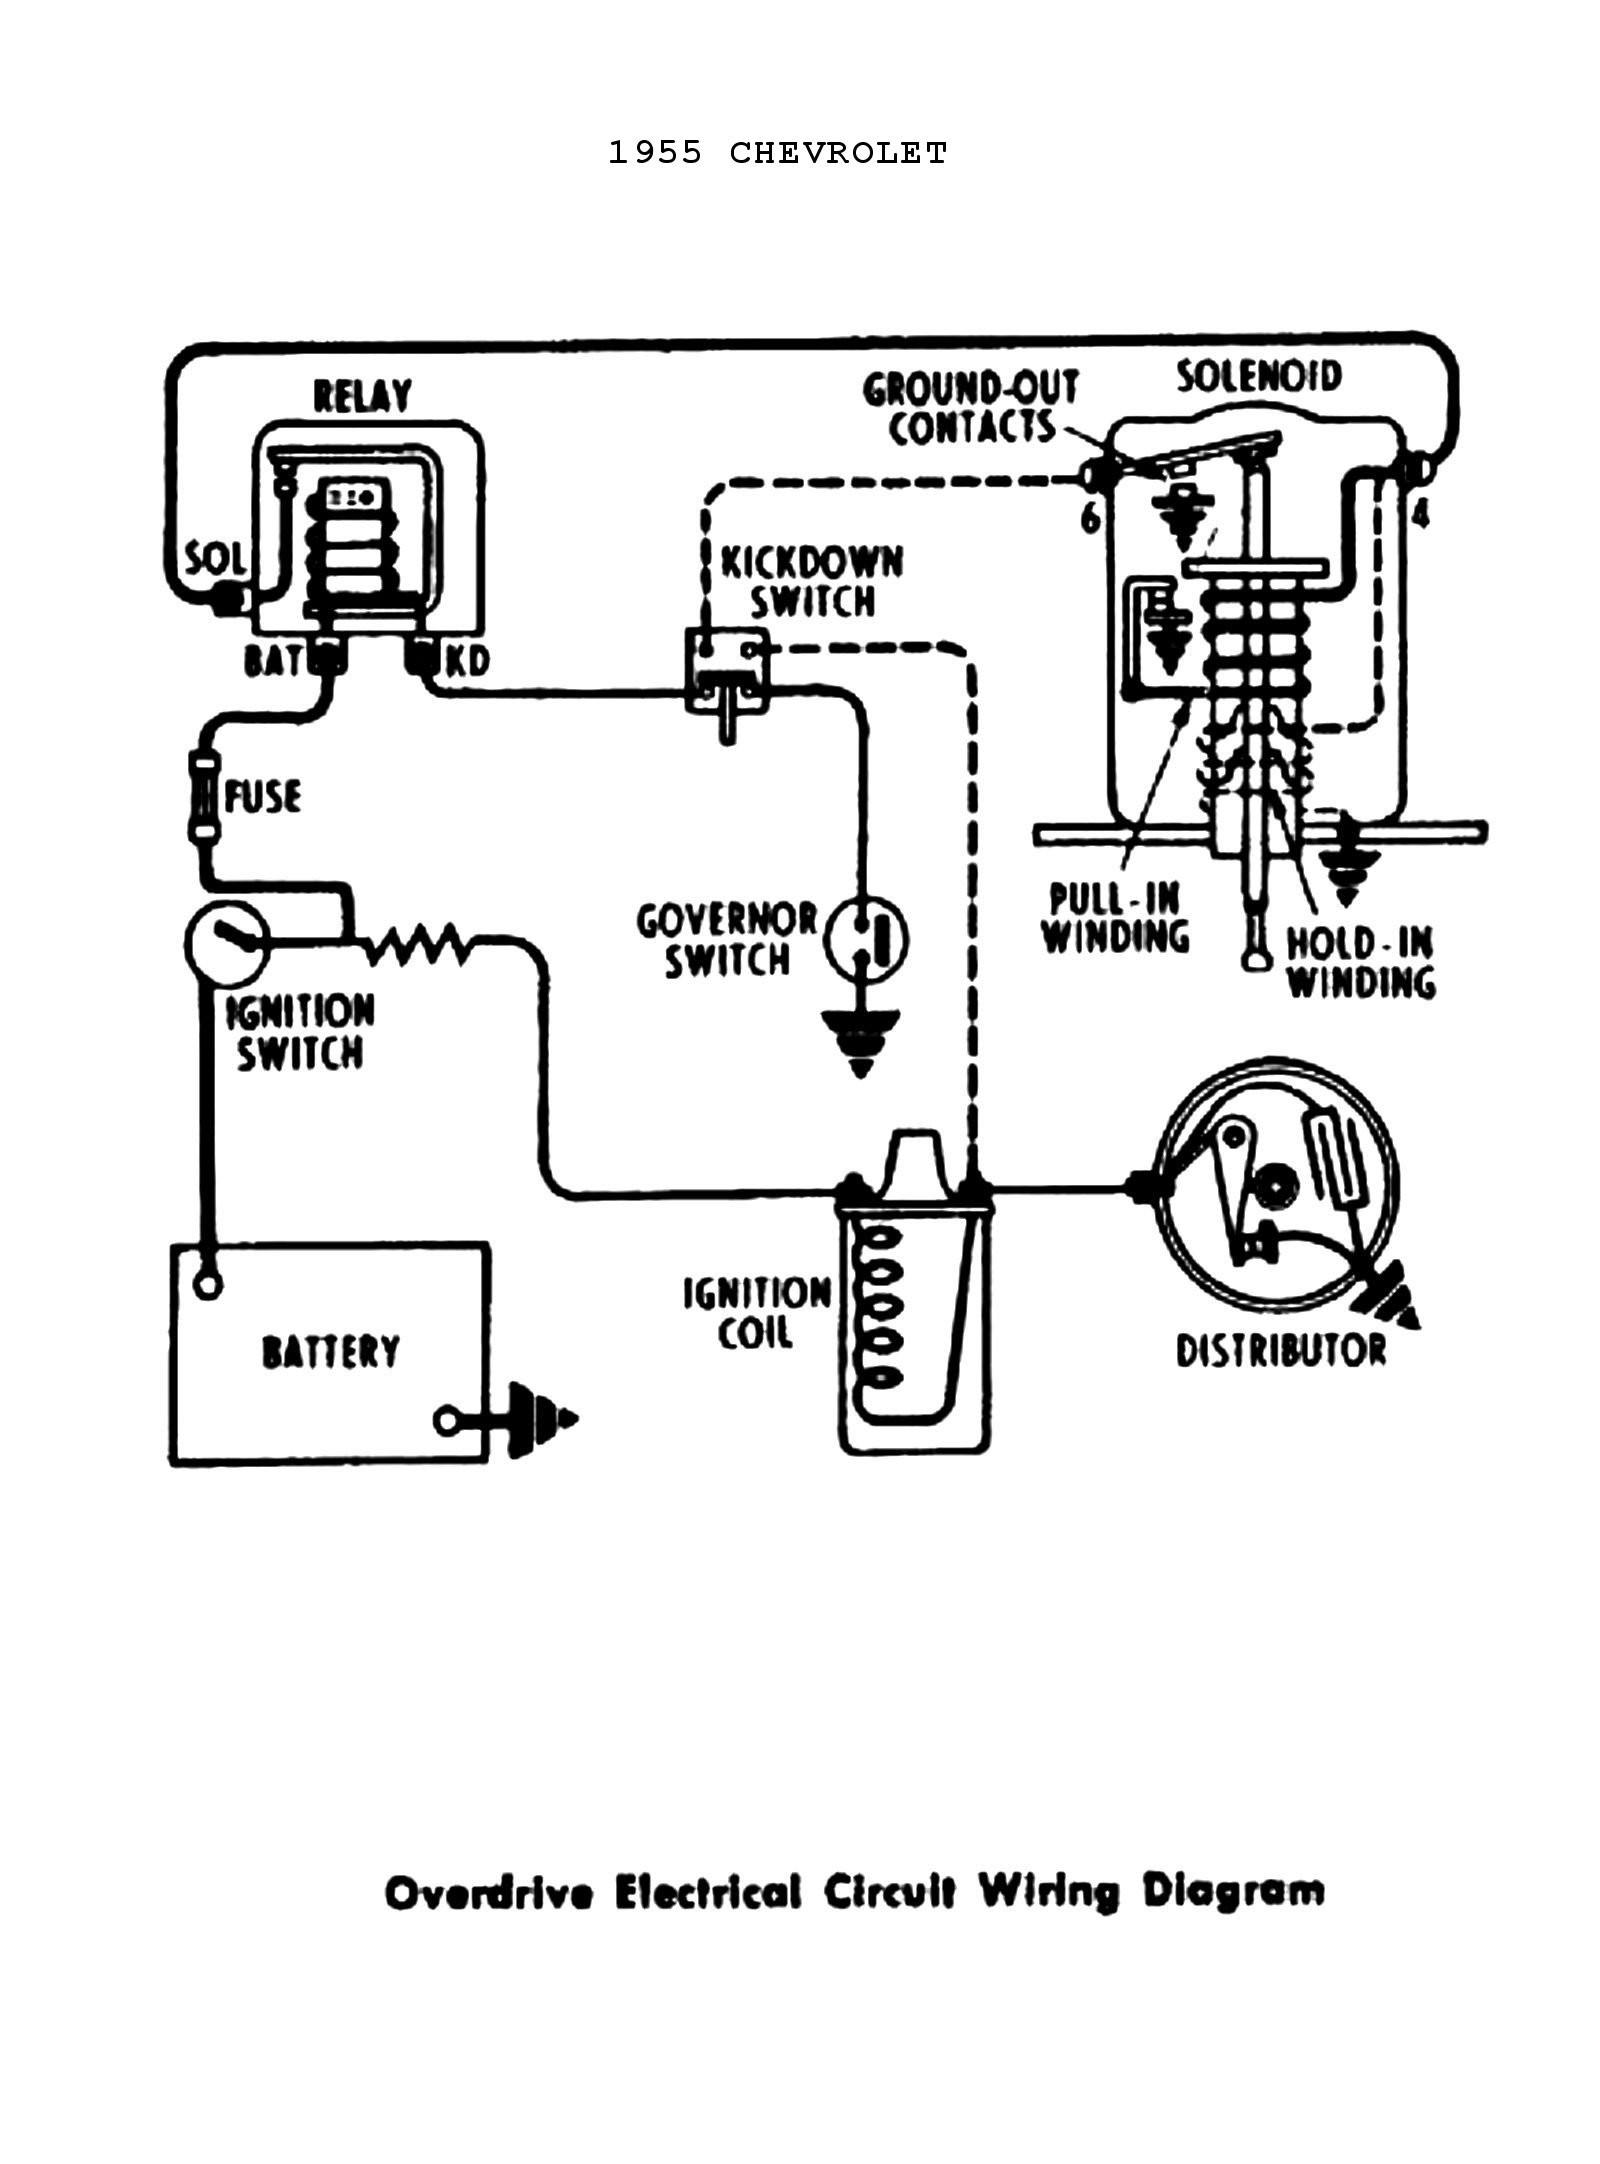 Underside Of Car Diagram Chevy Wiring Diagrams – My Wiring DIagram